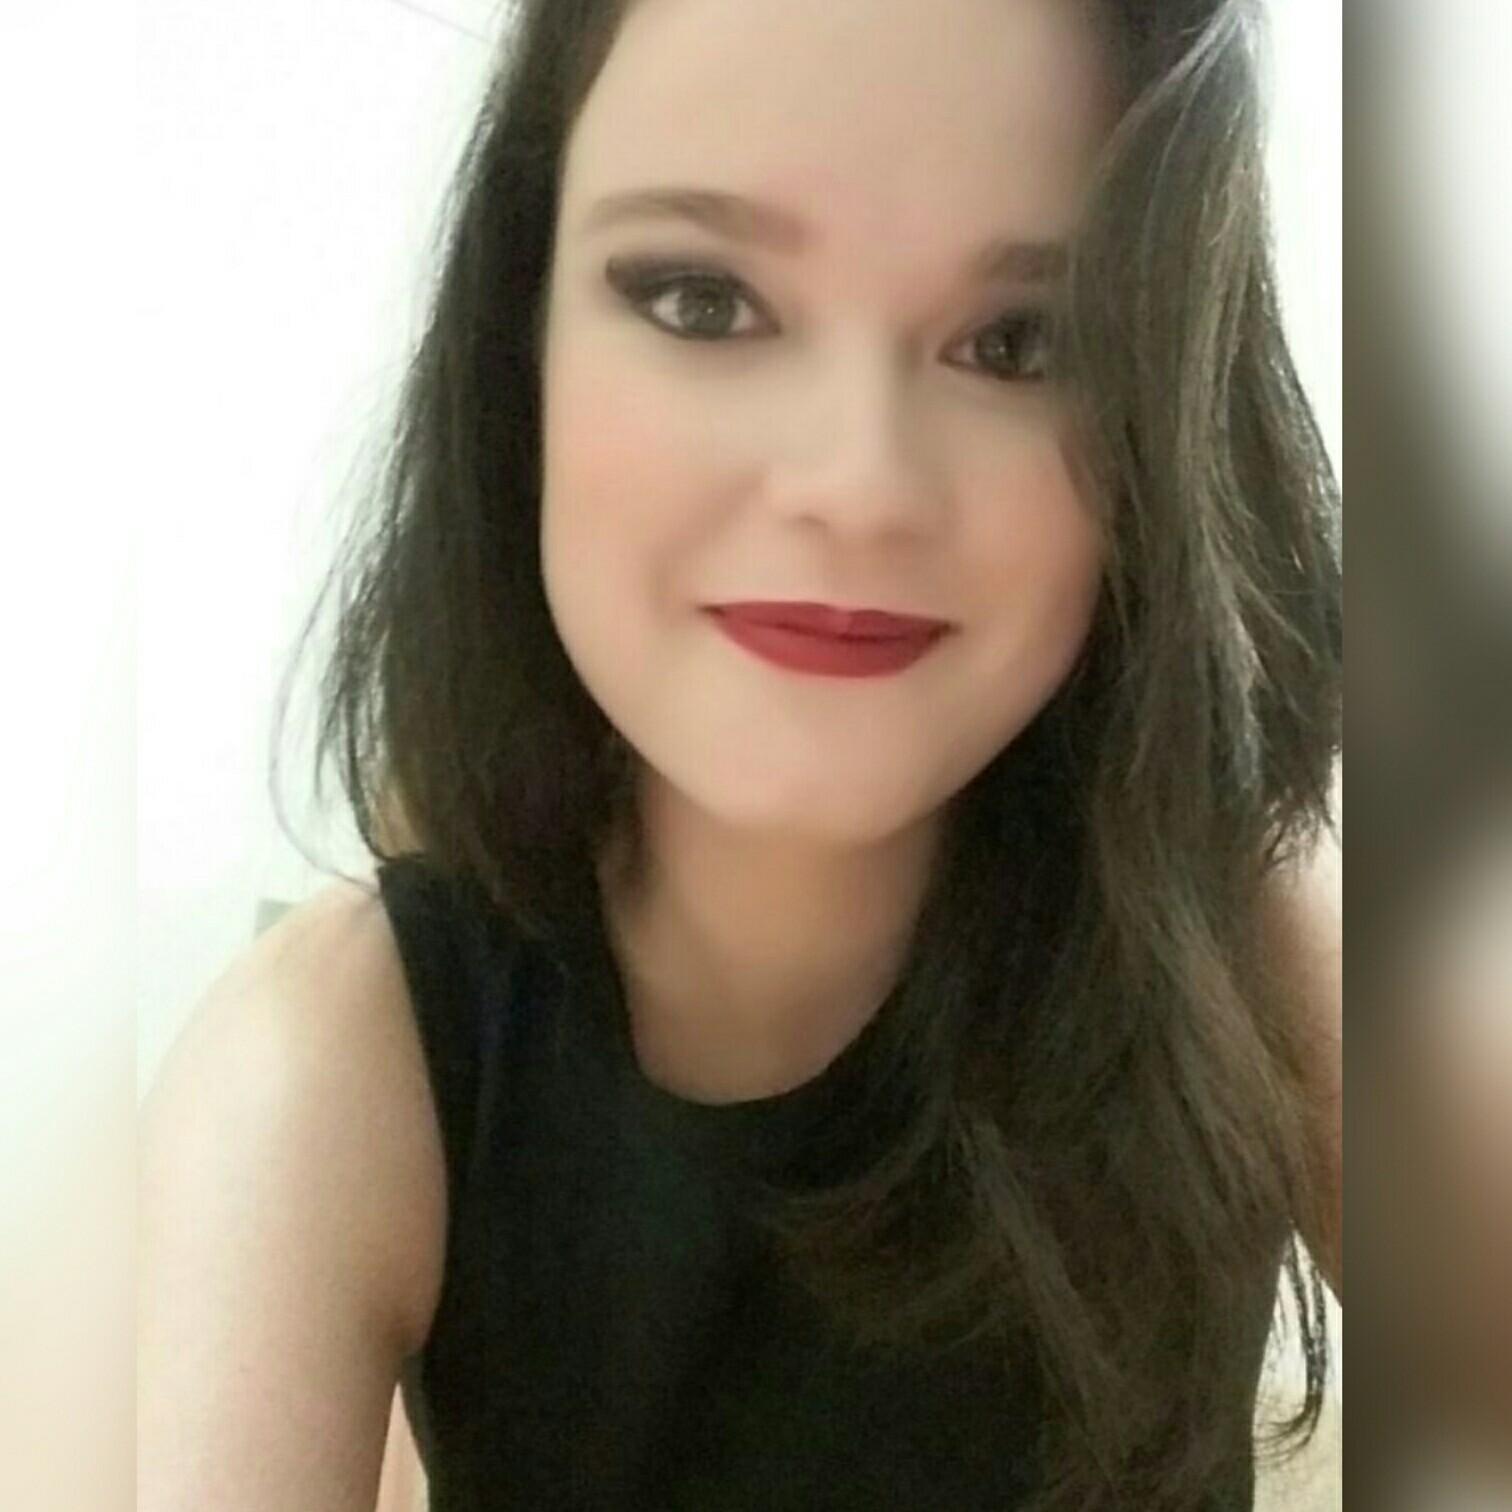 Mayara Flausino